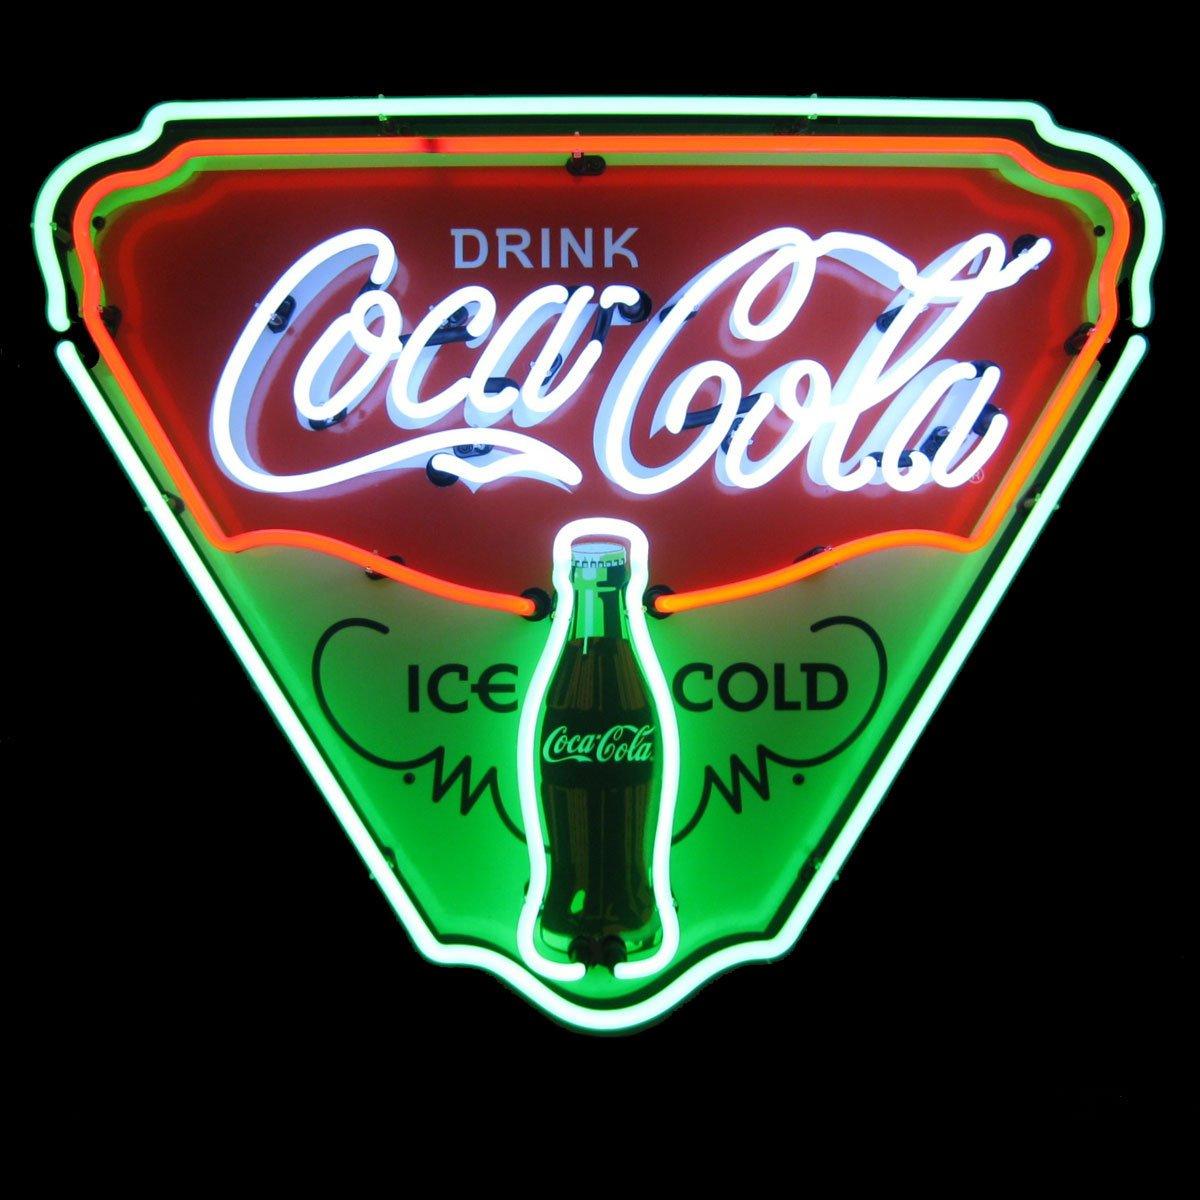 Coca Cola Ice Cold Shield Neon Sign